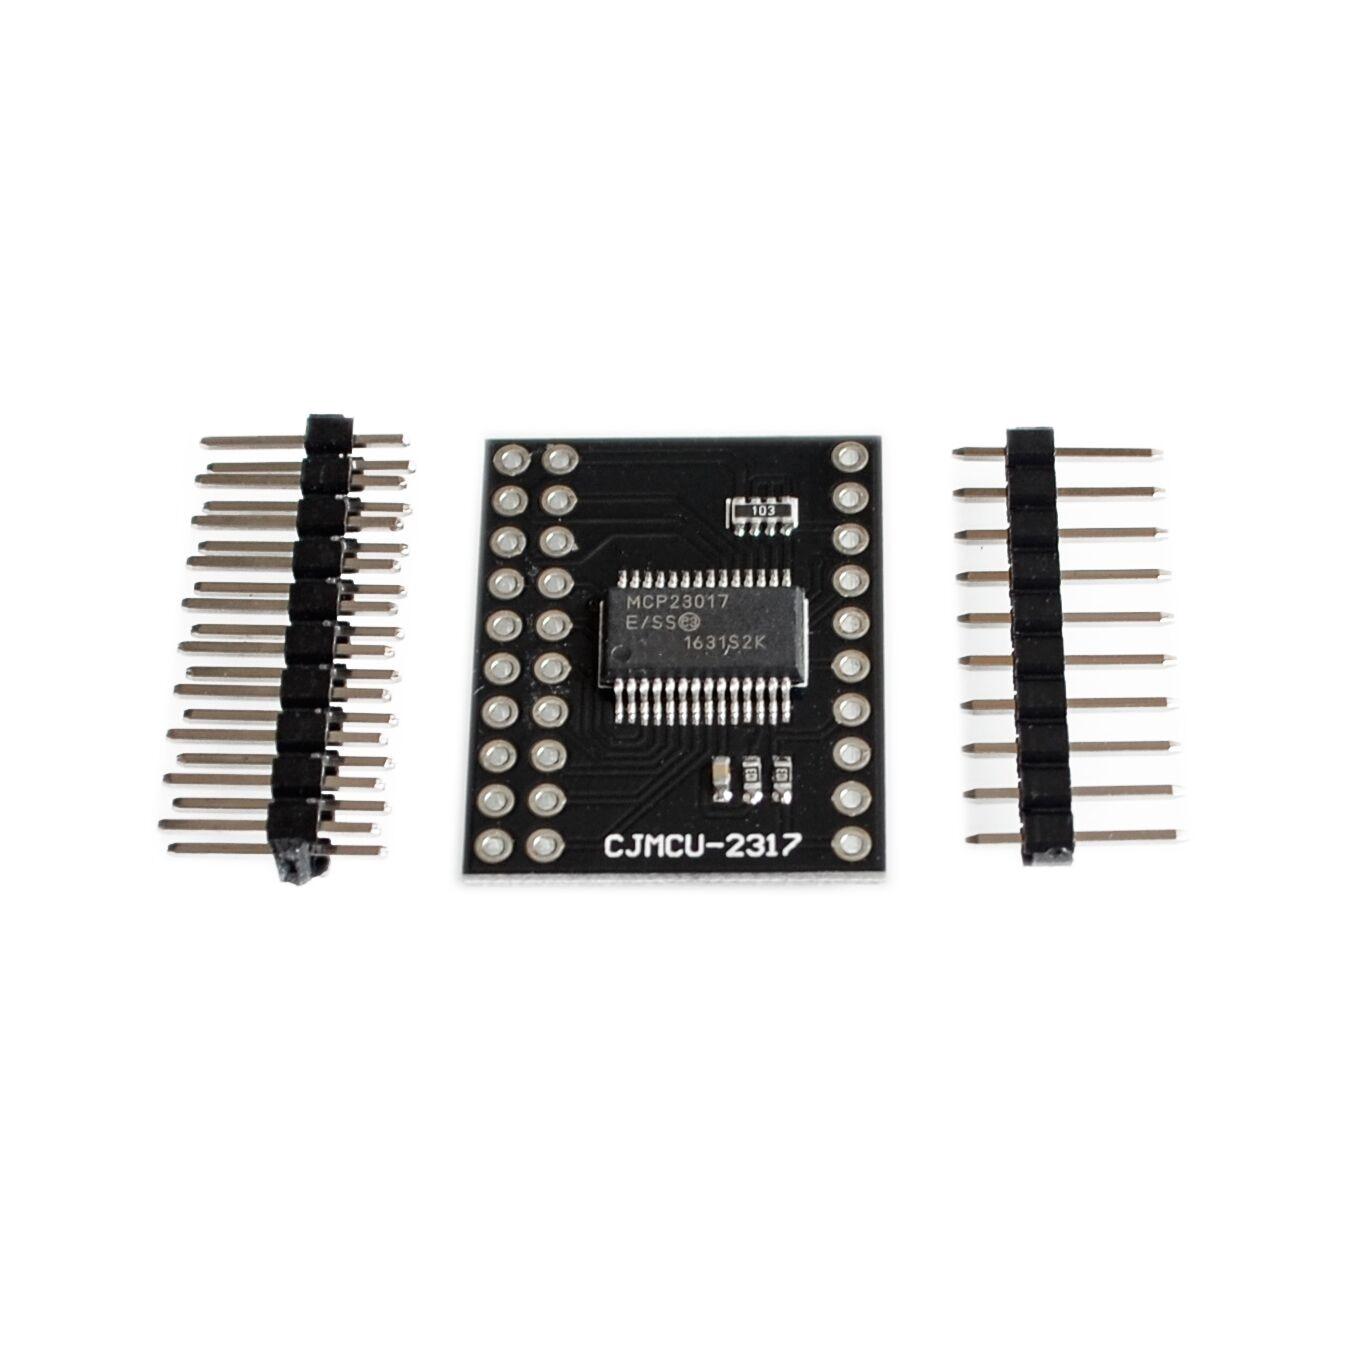 Модуль последовательного интерфейса MCP23017 IIC I2C SPI MCP23S17 двунаправленный 16-битный расширитель ввода/вывода Pins 10 МГц серийный интерфейсный модуль